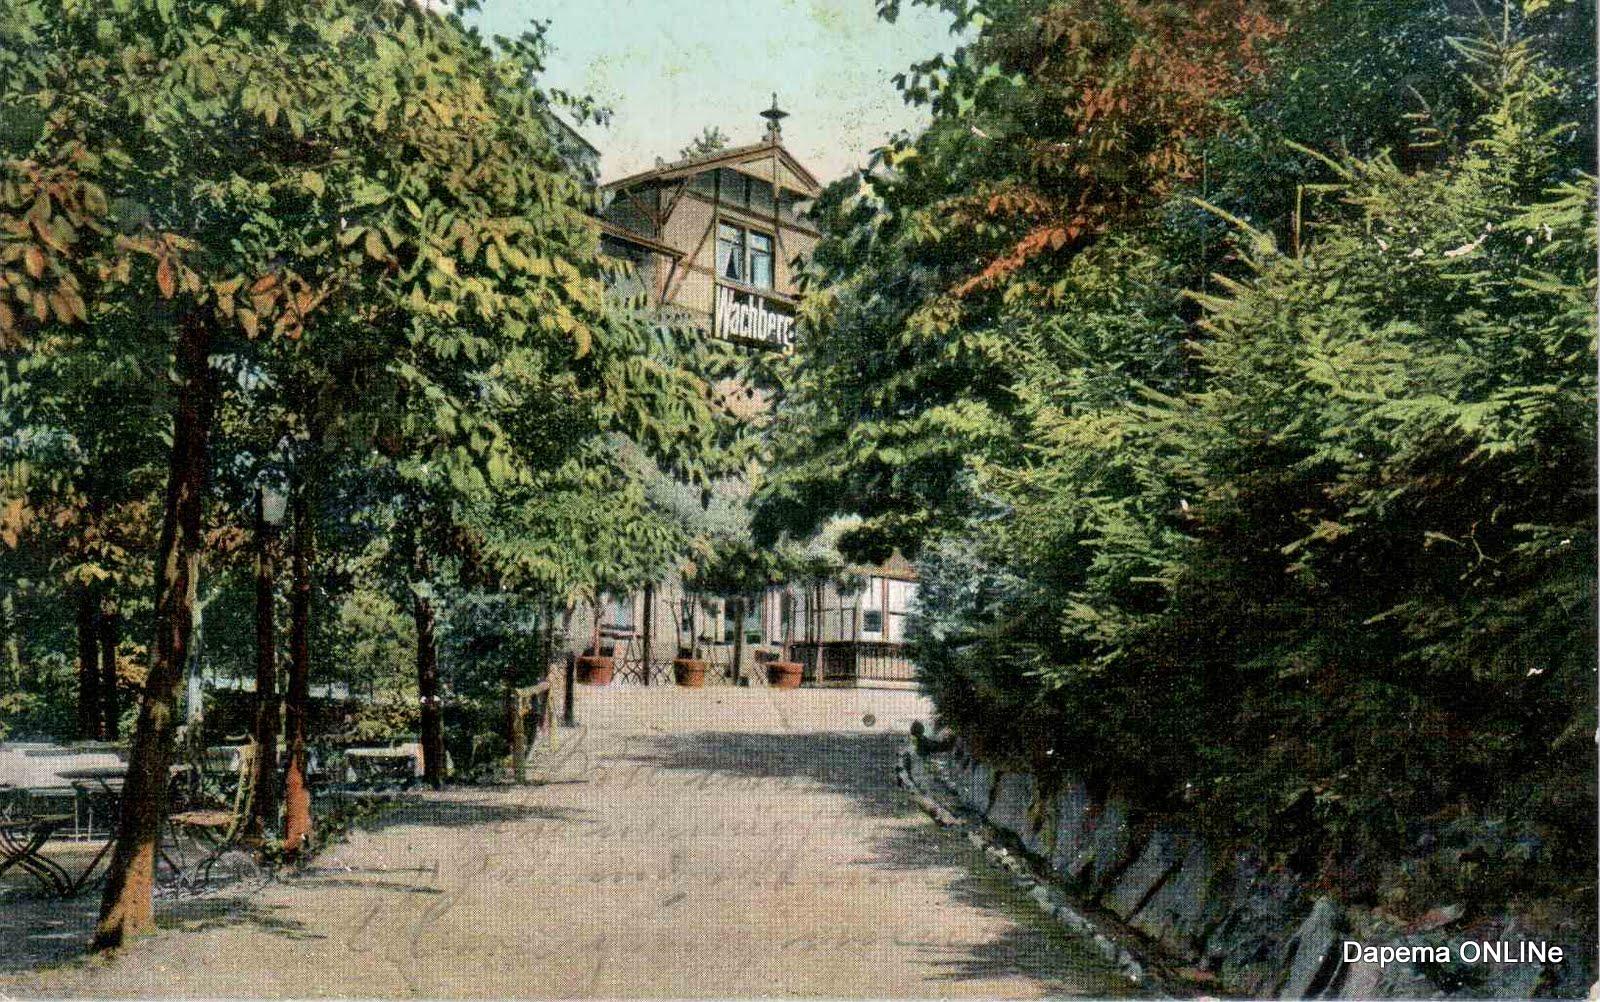 Wachbergschänke 1909 - Dresden-Postkarte KW 42/10 | Dapema ONLINe